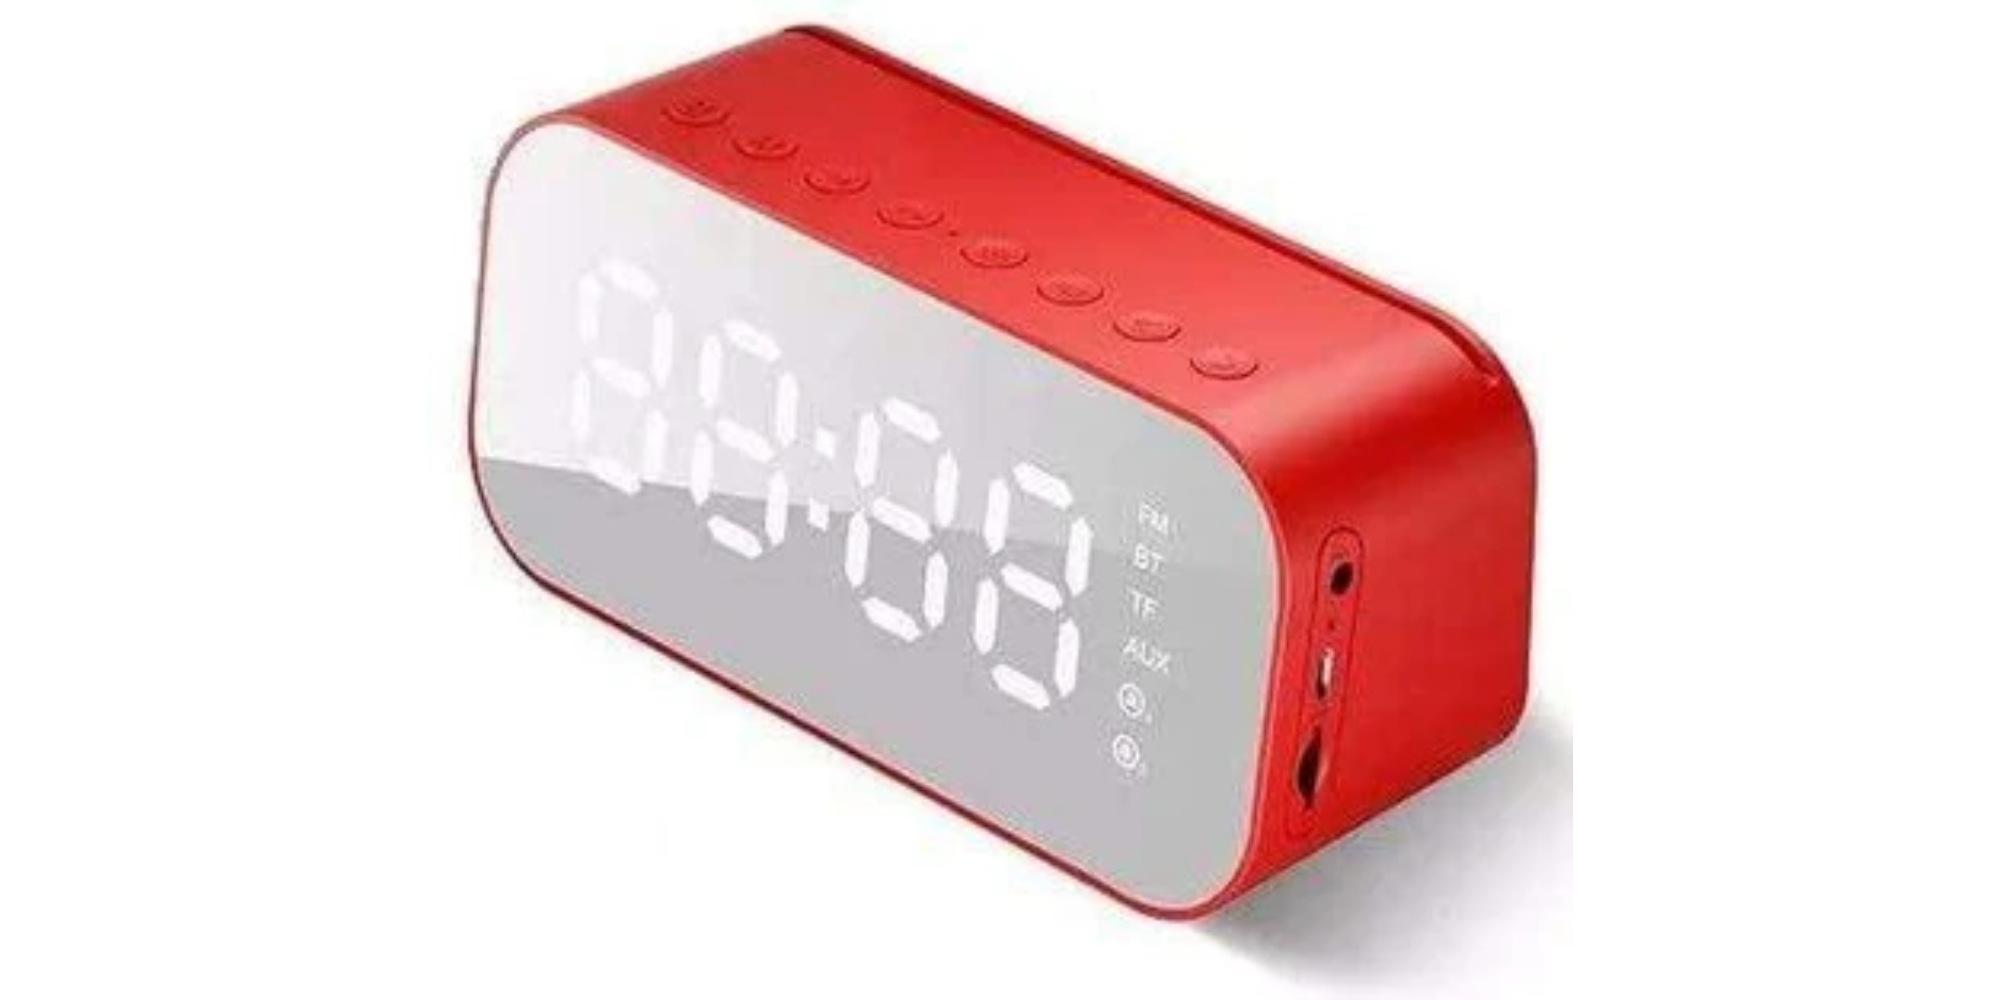 ساعة منبه مع سماعة بلوتوث - مستلزمات شخصية